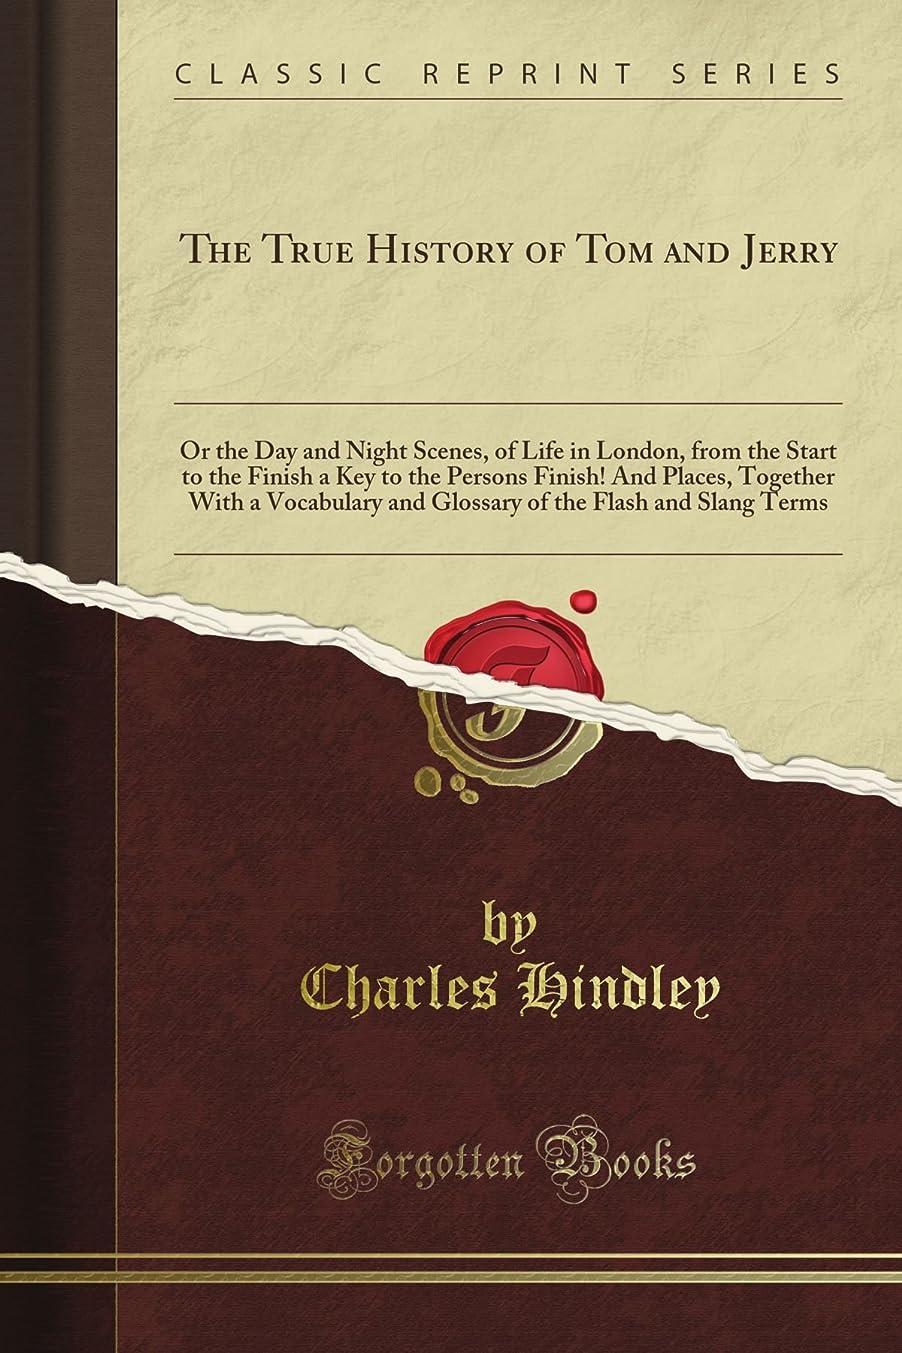 しないでください発生する残るThe True History of Tom and Jerry: Or the Day and Night Scenes, of Life in London, from the Start to the Finish a Key to the Persons Finish! And Places, Together With a Vocabulary and Glossary of the Flash and Slang Terms (Classic Reprint)